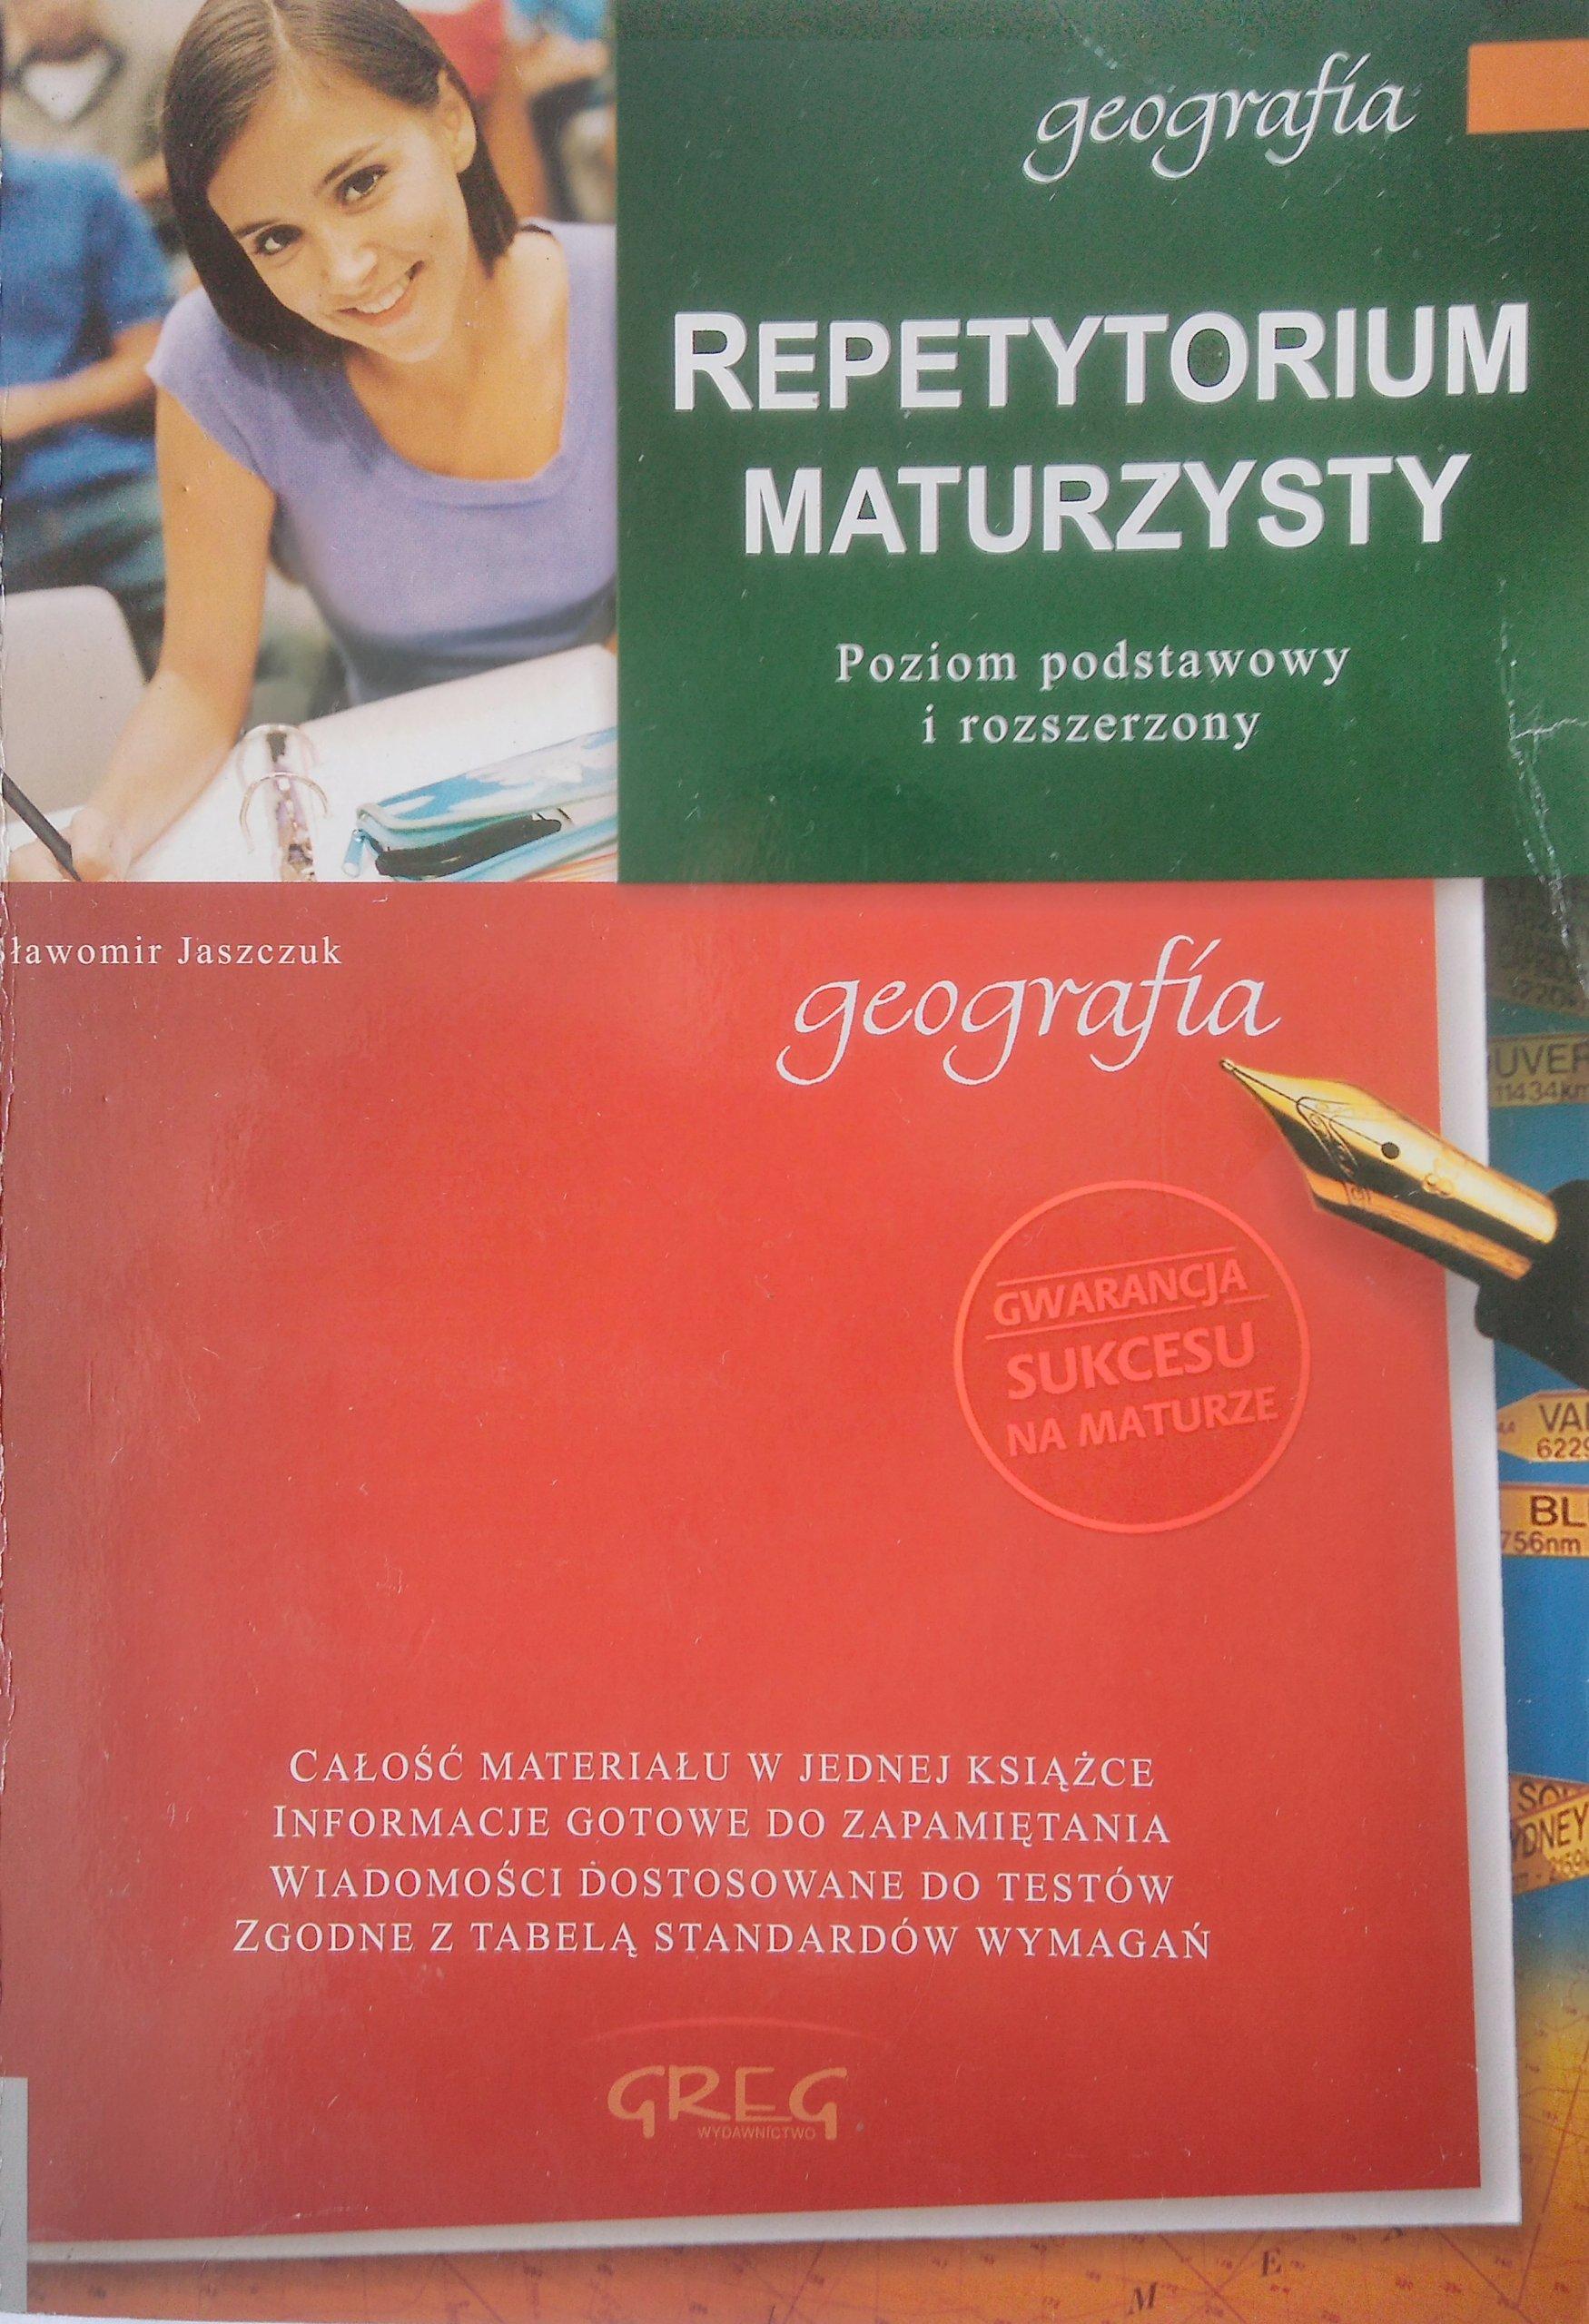 REPETYTORIUM MATURZYSTY GEOGRAFIA JUSZCZAK